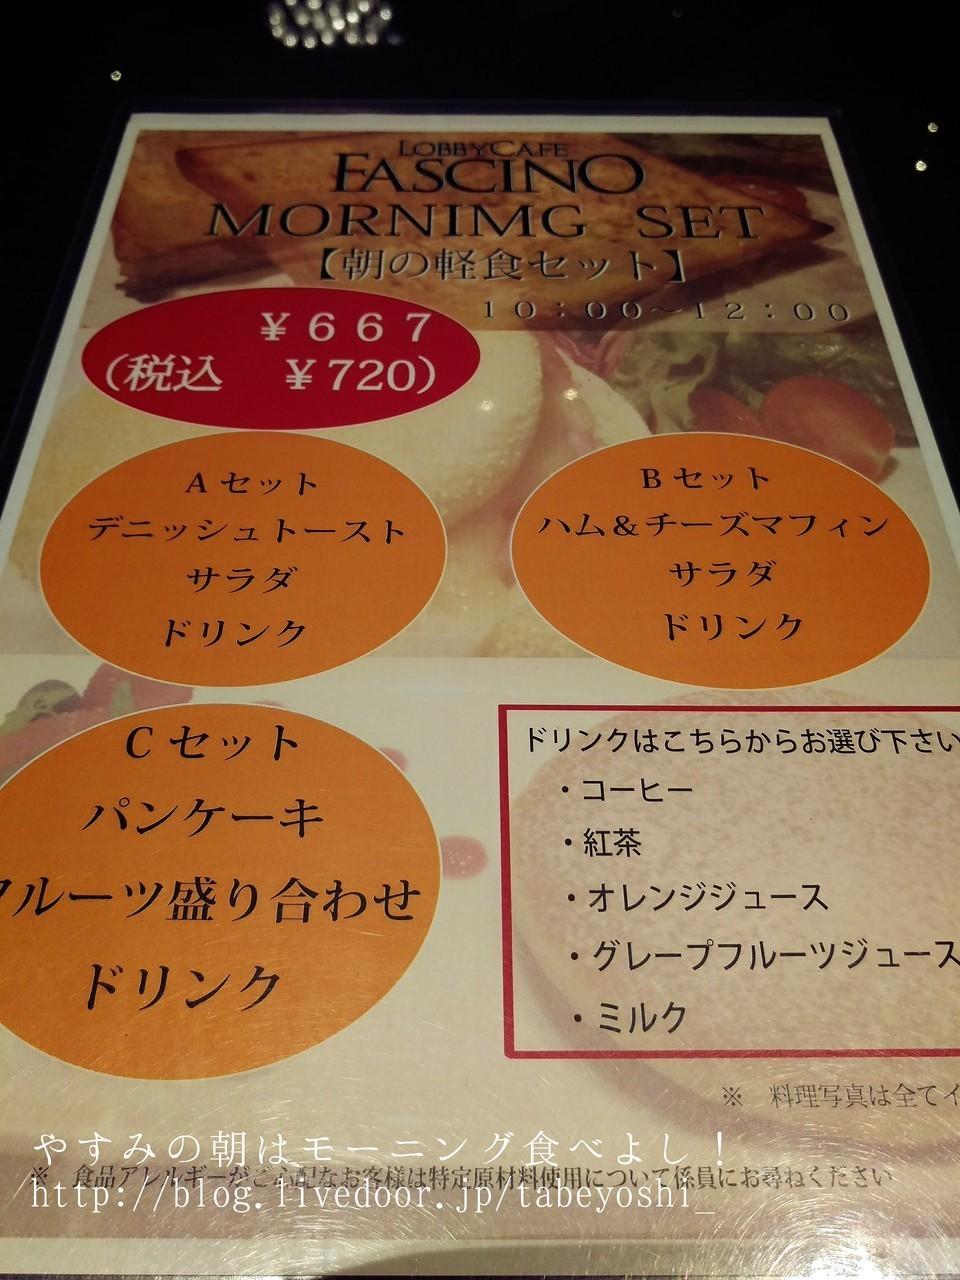 LOBBY CAFE FASCINO-早餐菜單